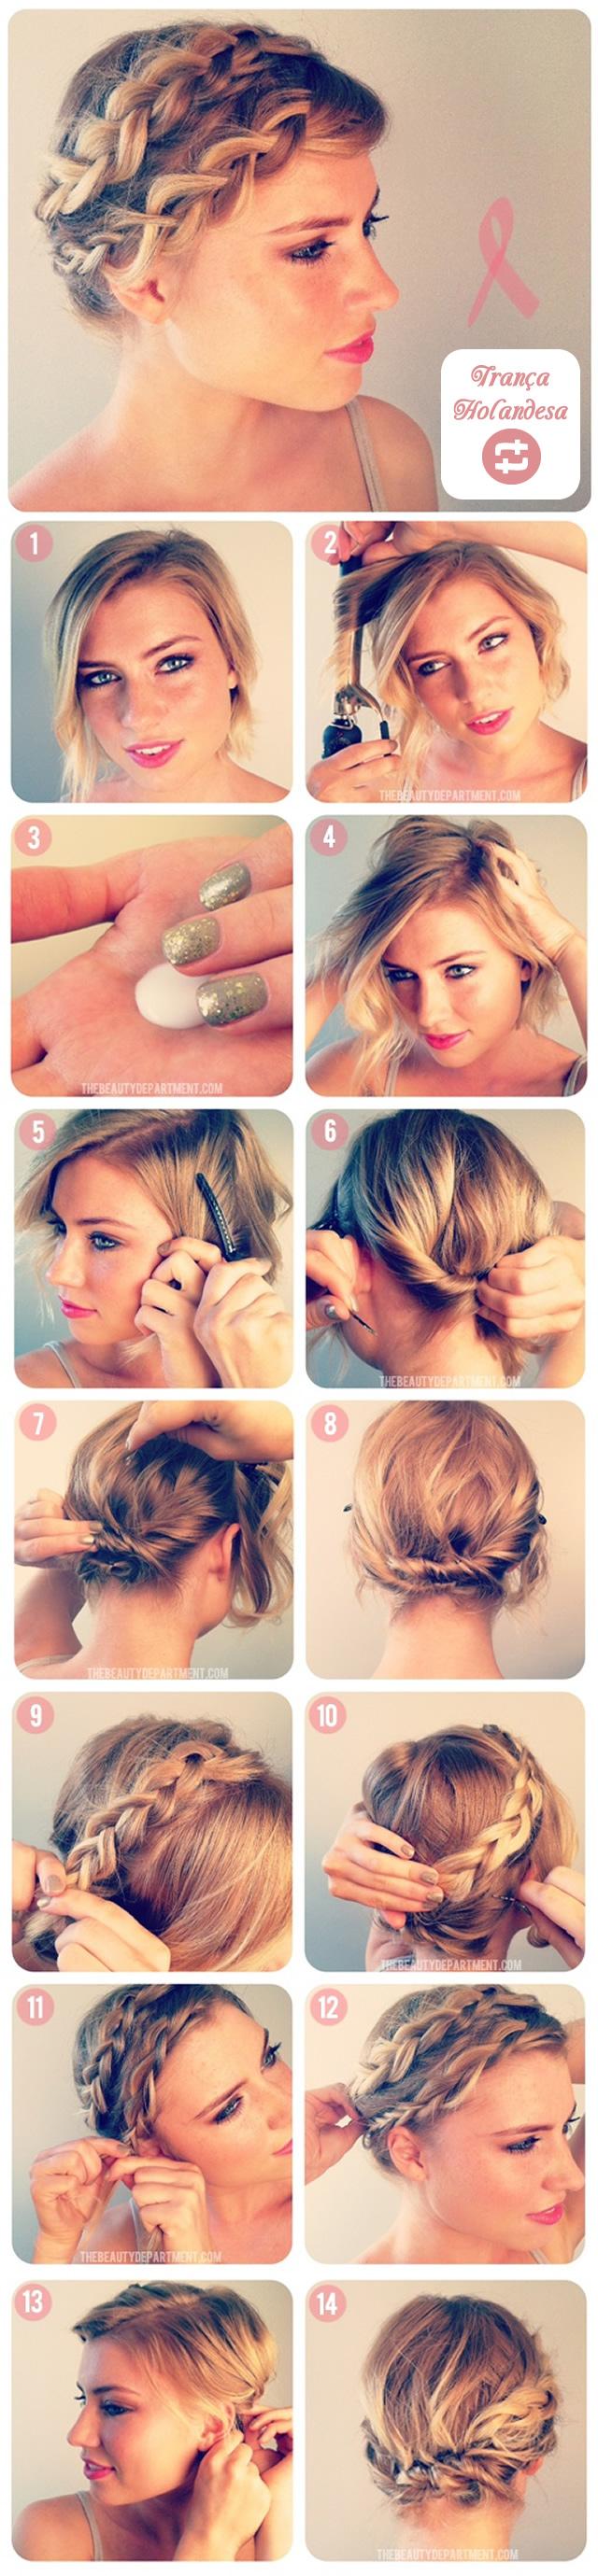 penteados-tranças-1